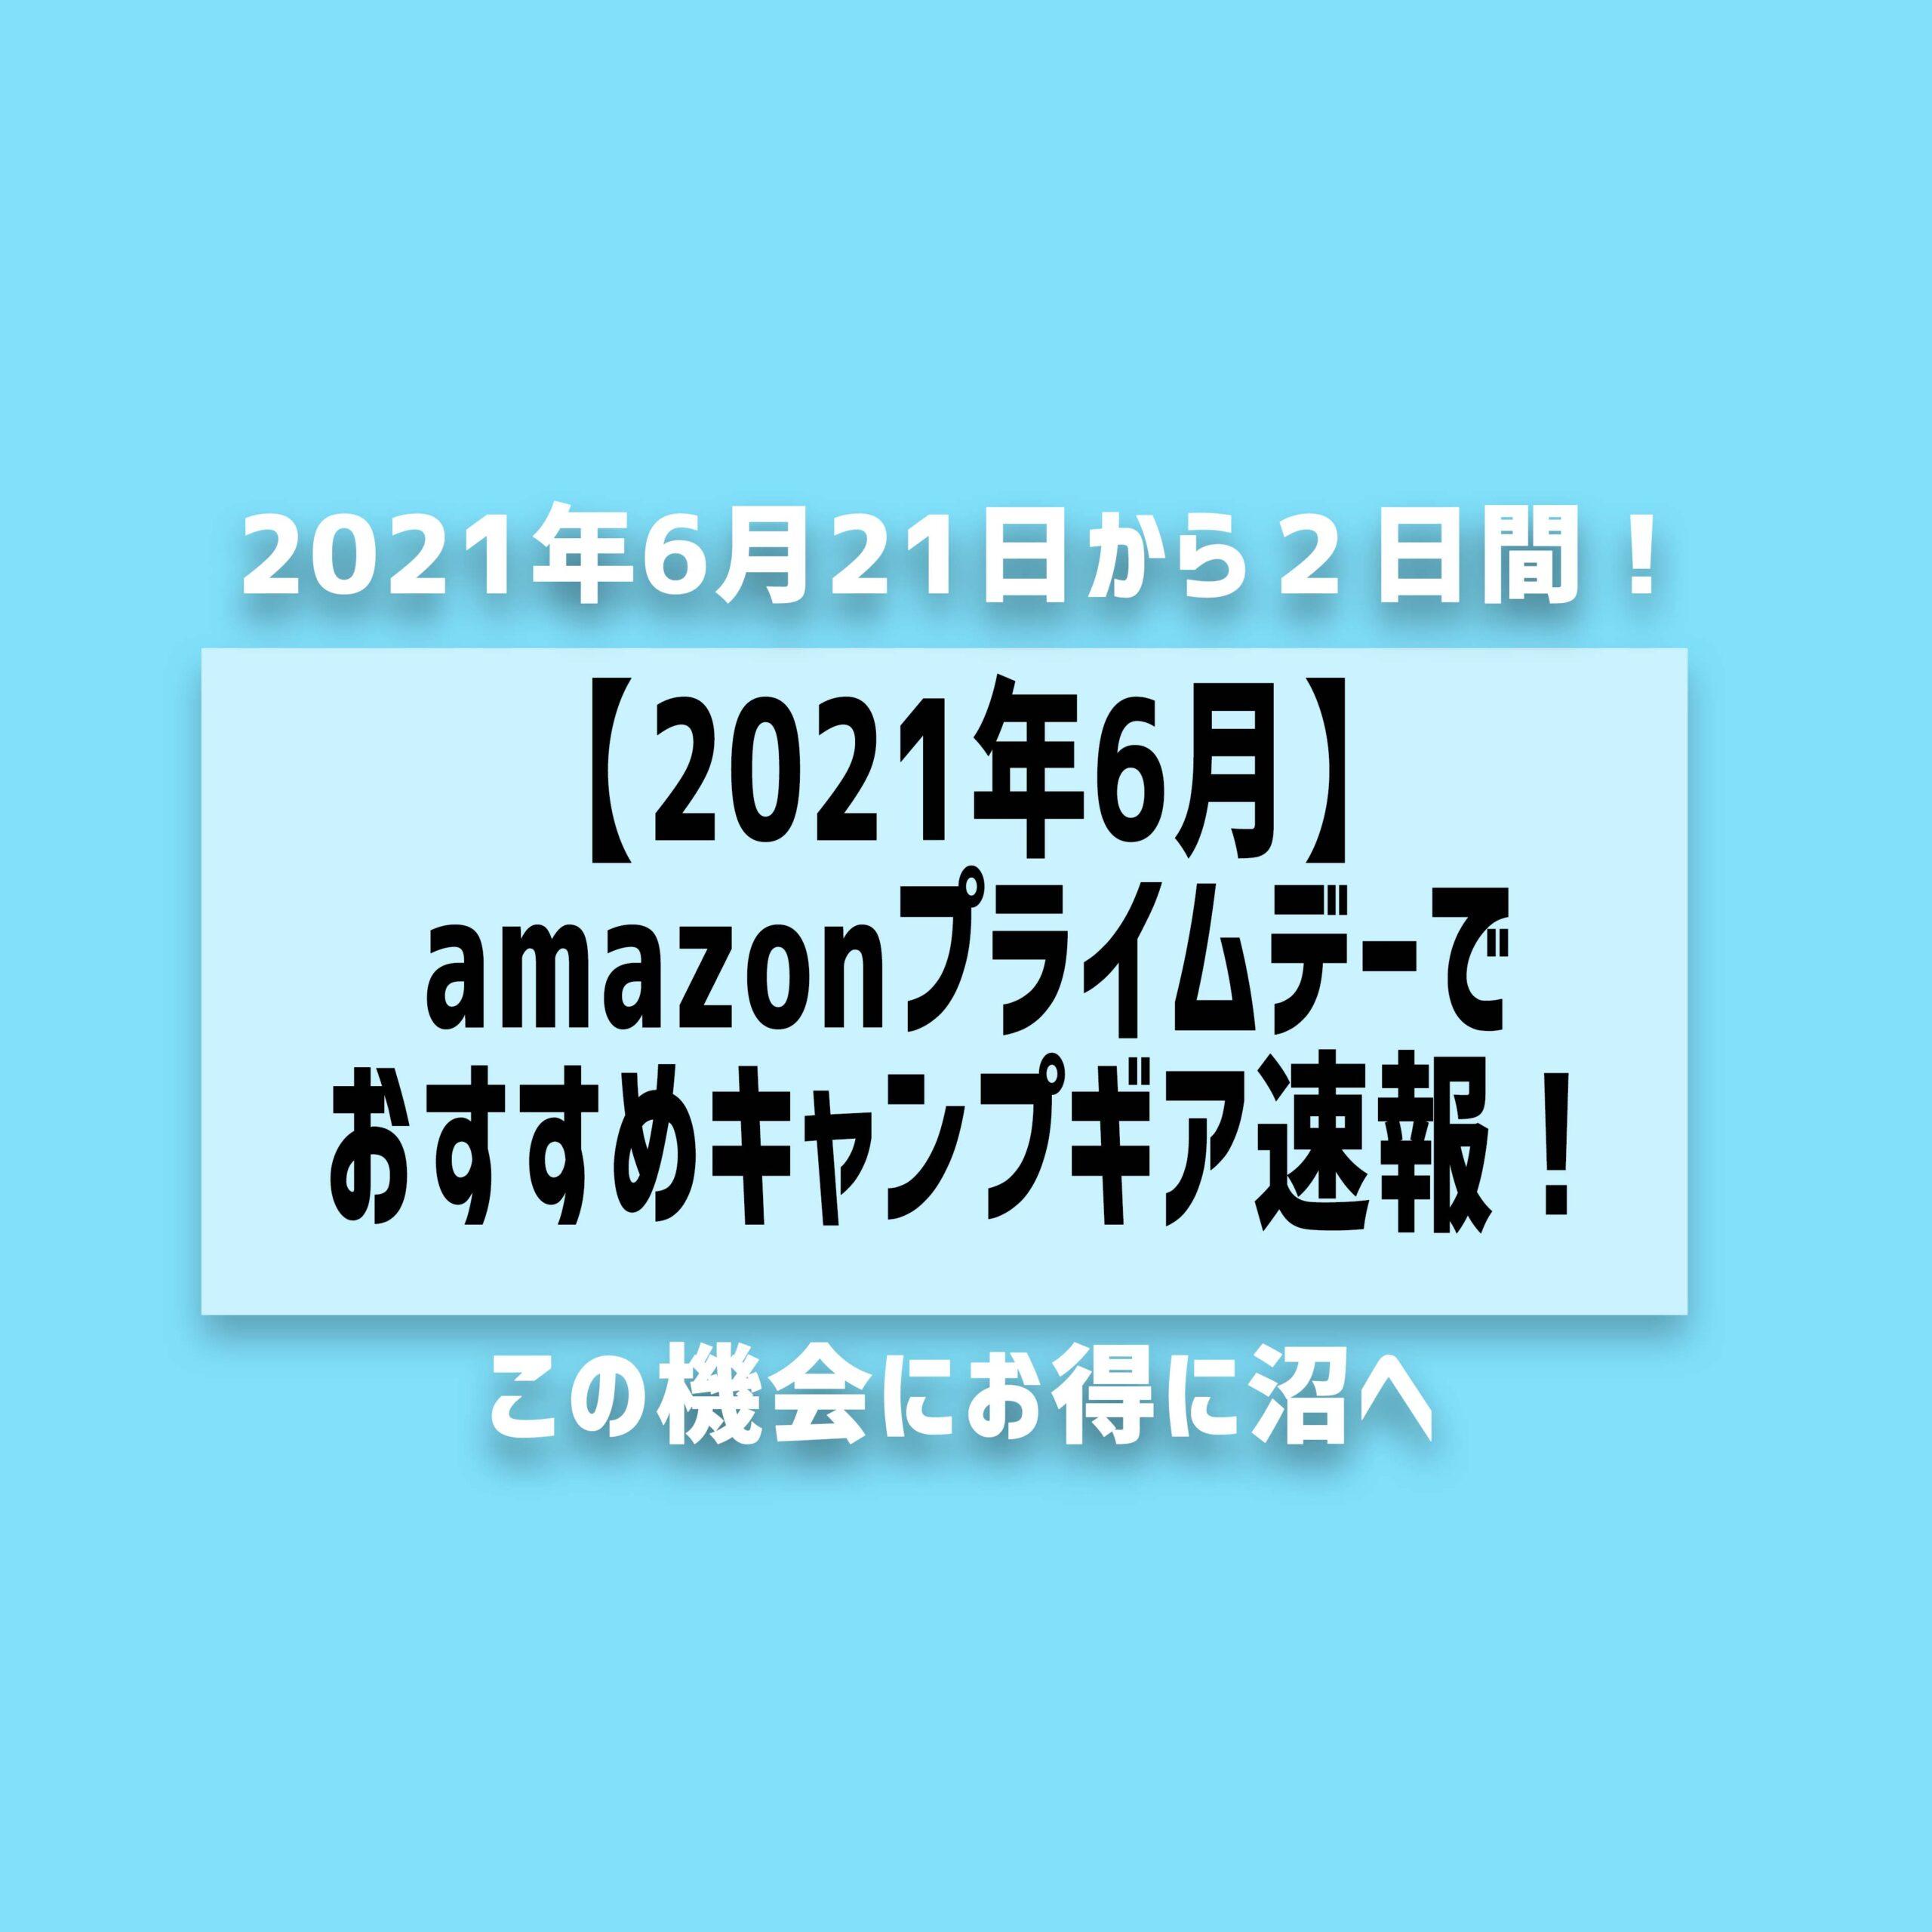 【2021年6月】amazonプライムデーでおすすめキャンプギア速報!